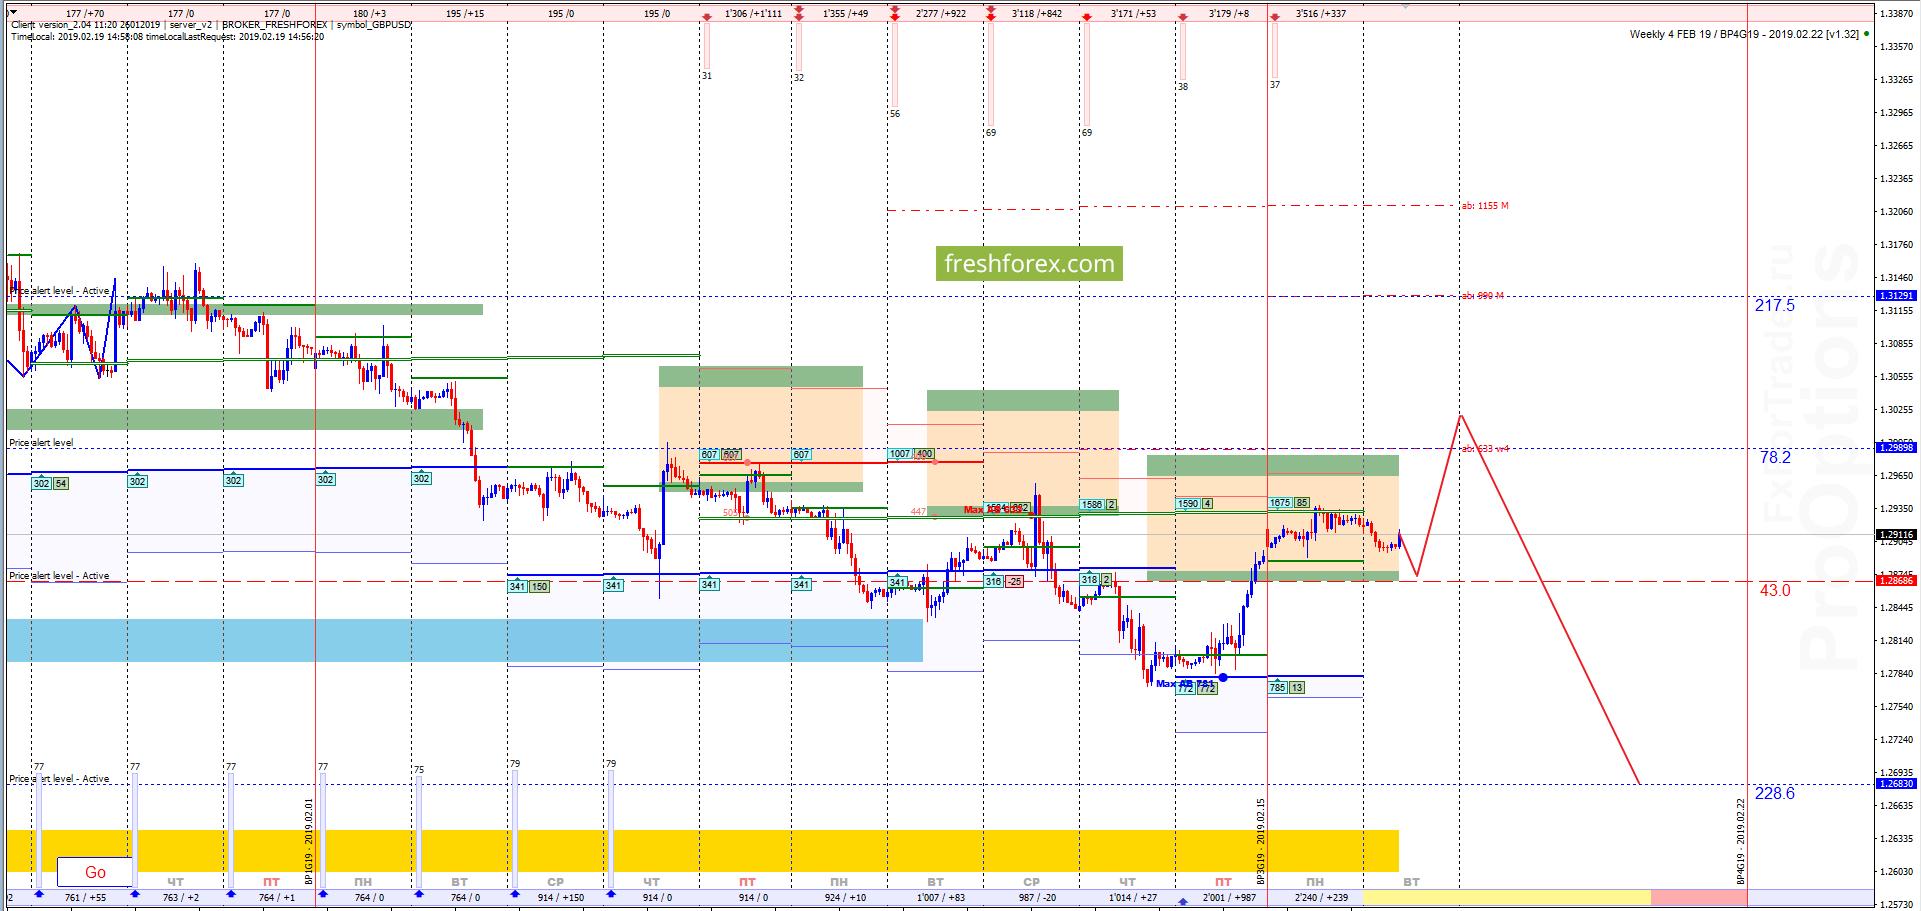 GBP/USD: Рост в область выгодных продаж!